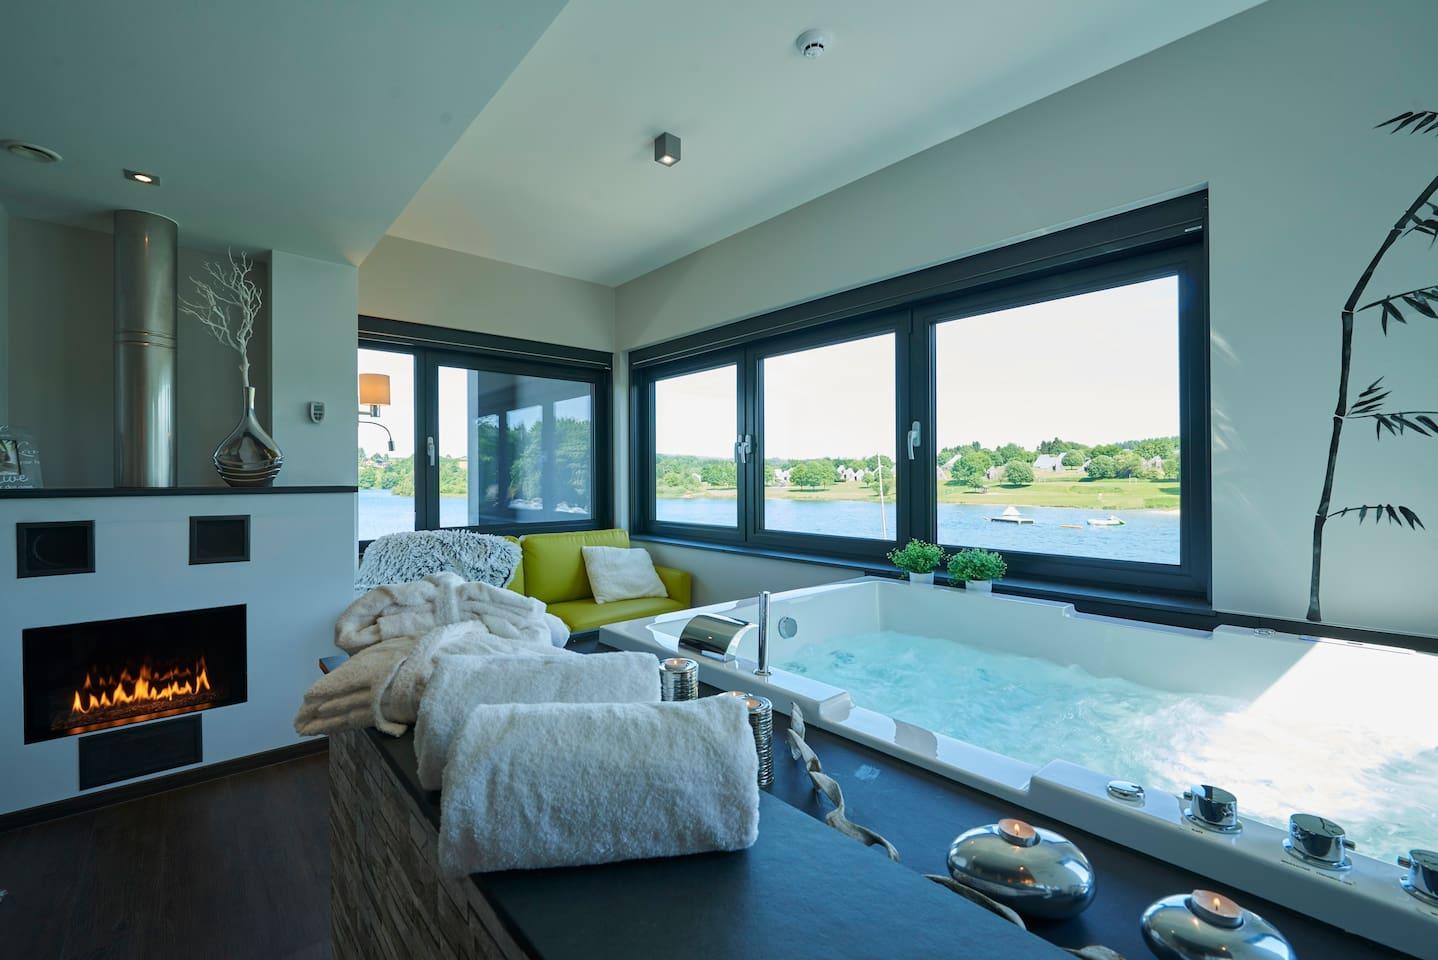 Whirlwanne im Zimmer mit Blick auf dem See